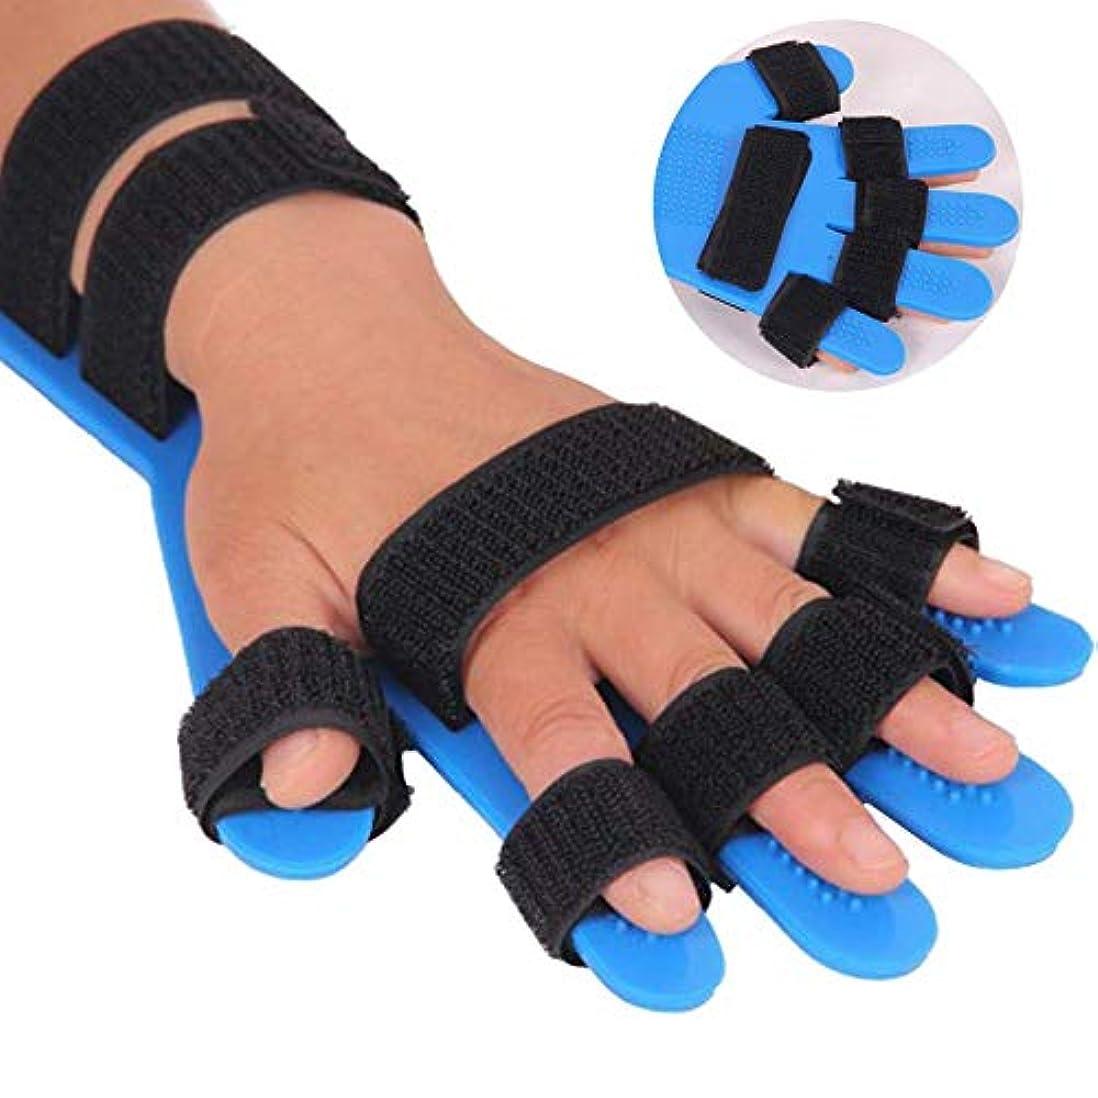 中断失われたドライスプリント指指セパレーター、ばね指の添え木指、指インソールは、脳卒中/片麻痺/外傷性脳損傷のための指板、調節可能な手の指ボード装具スプリットフィンガートレーニングデバイスを、ポイント